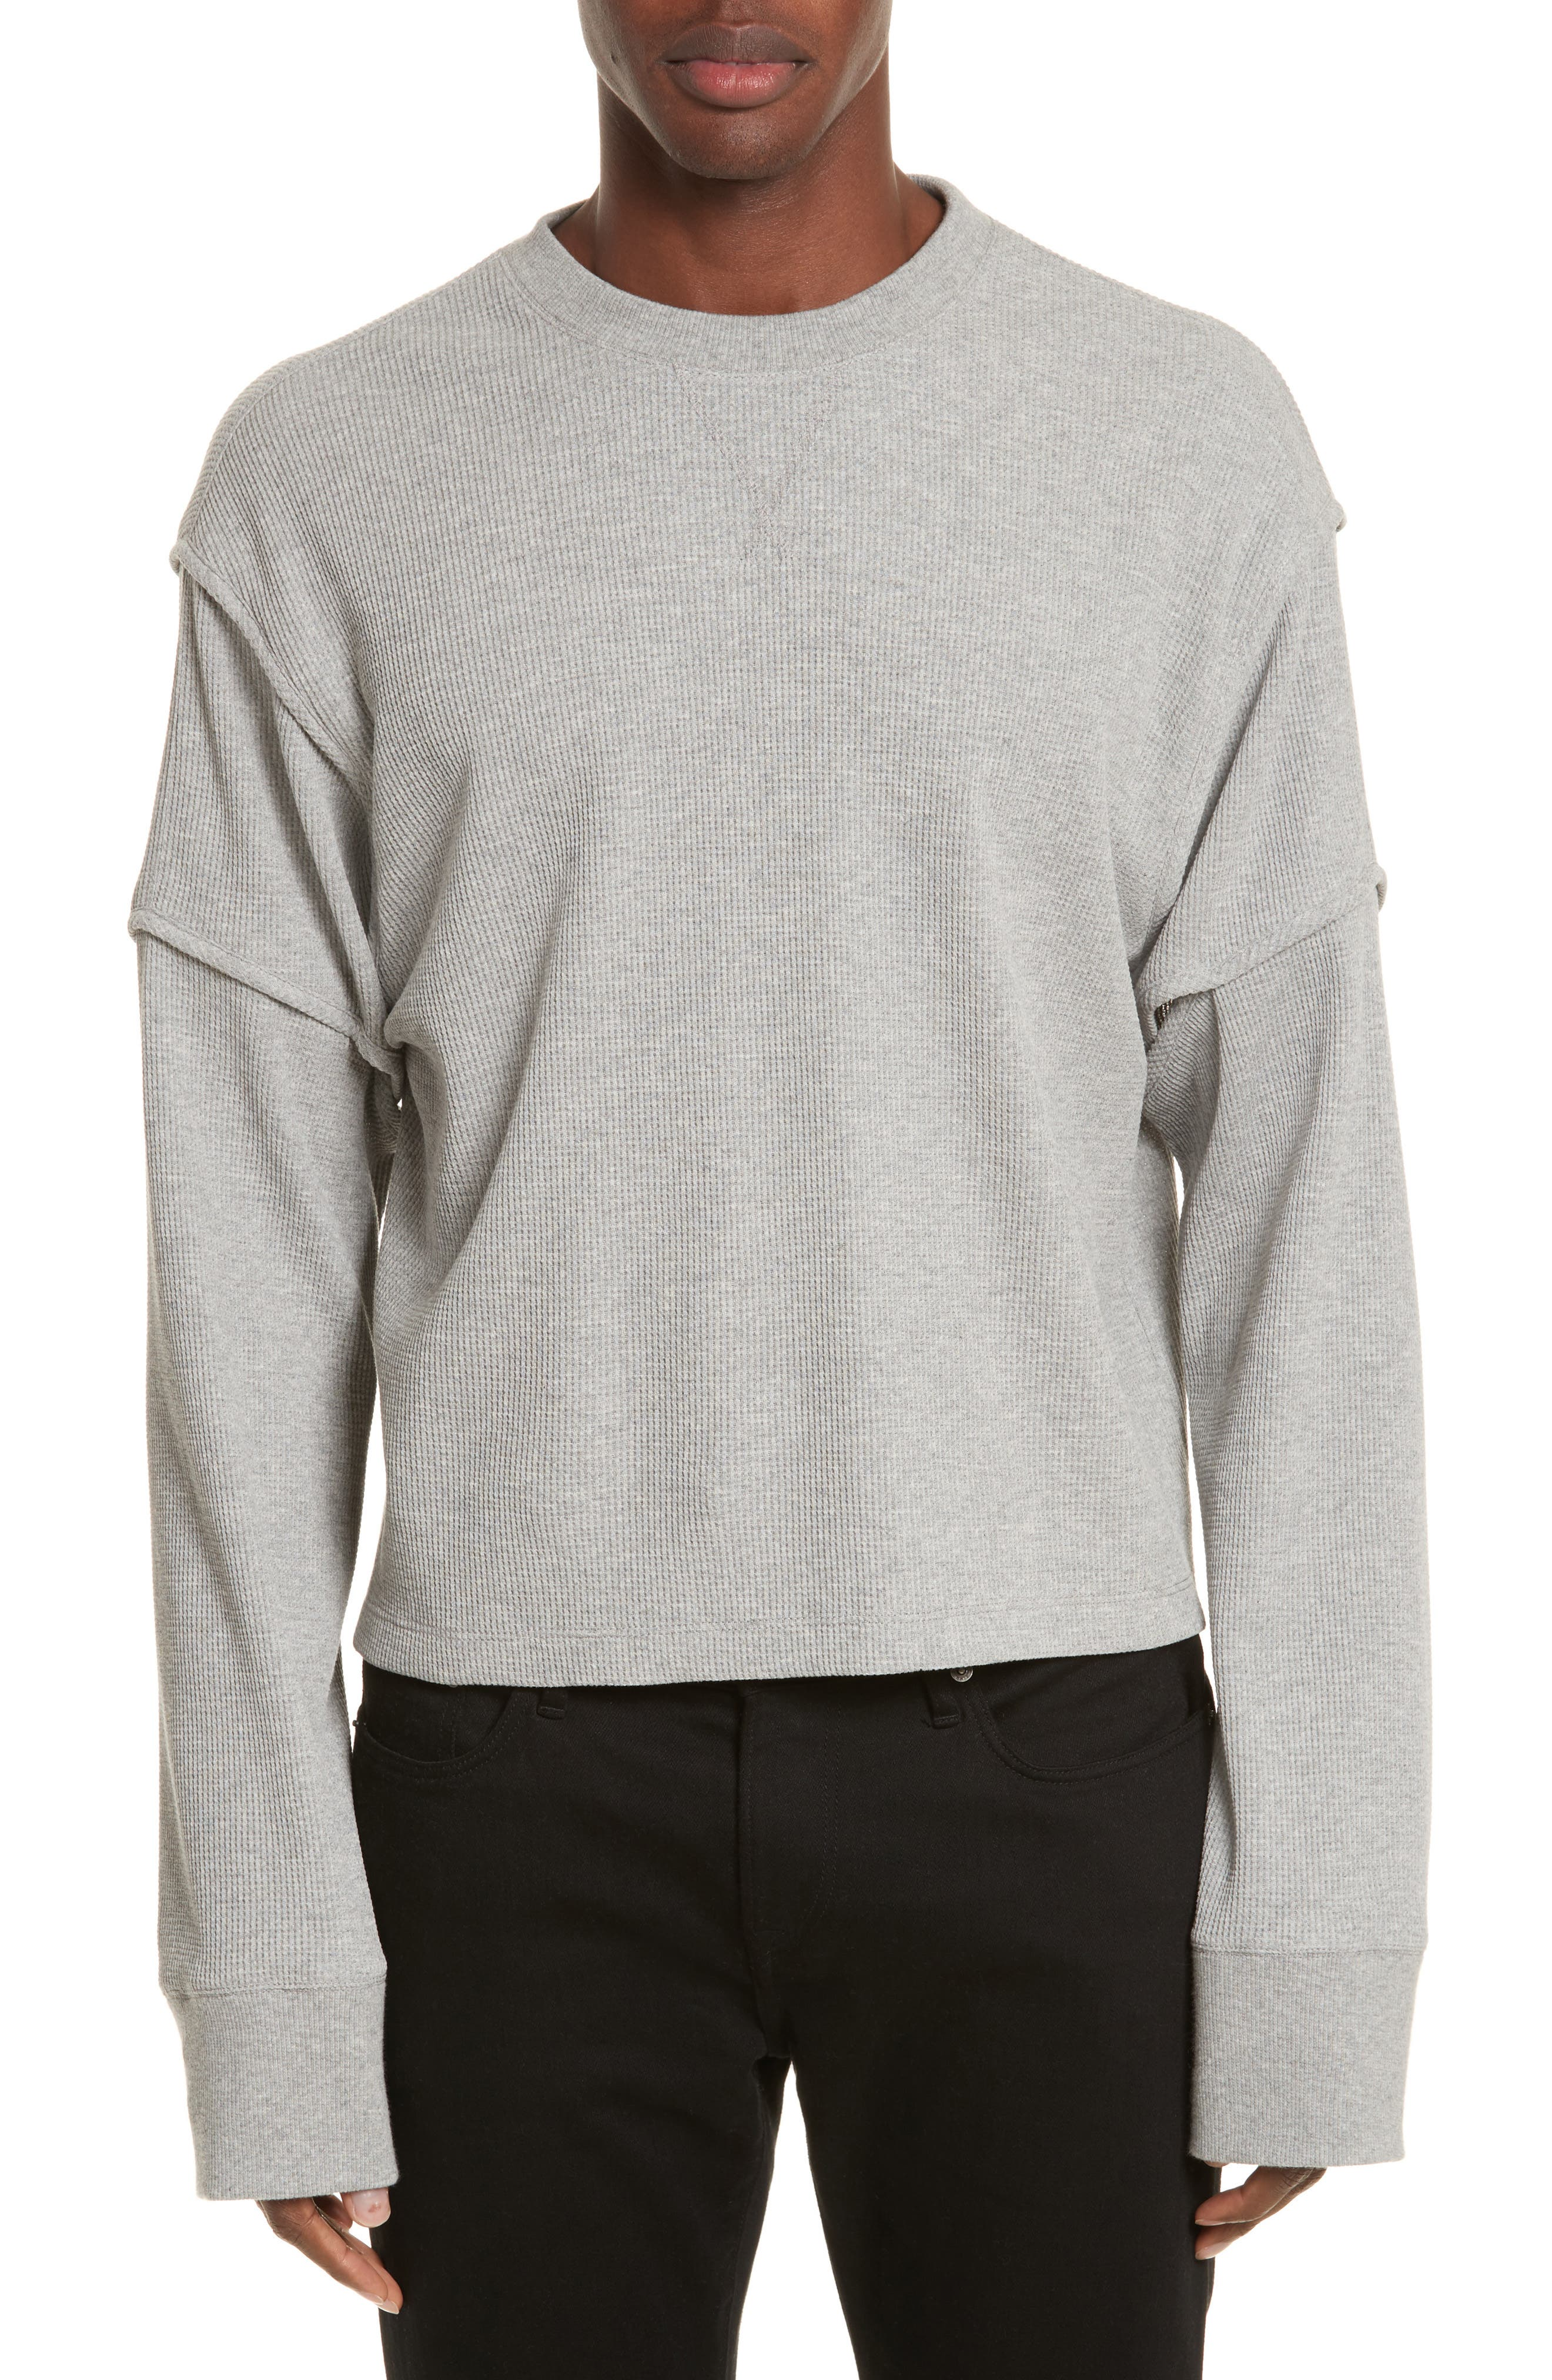 Military Panel Sleeve Thermal Shirt,                             Main thumbnail 1, color,                             029